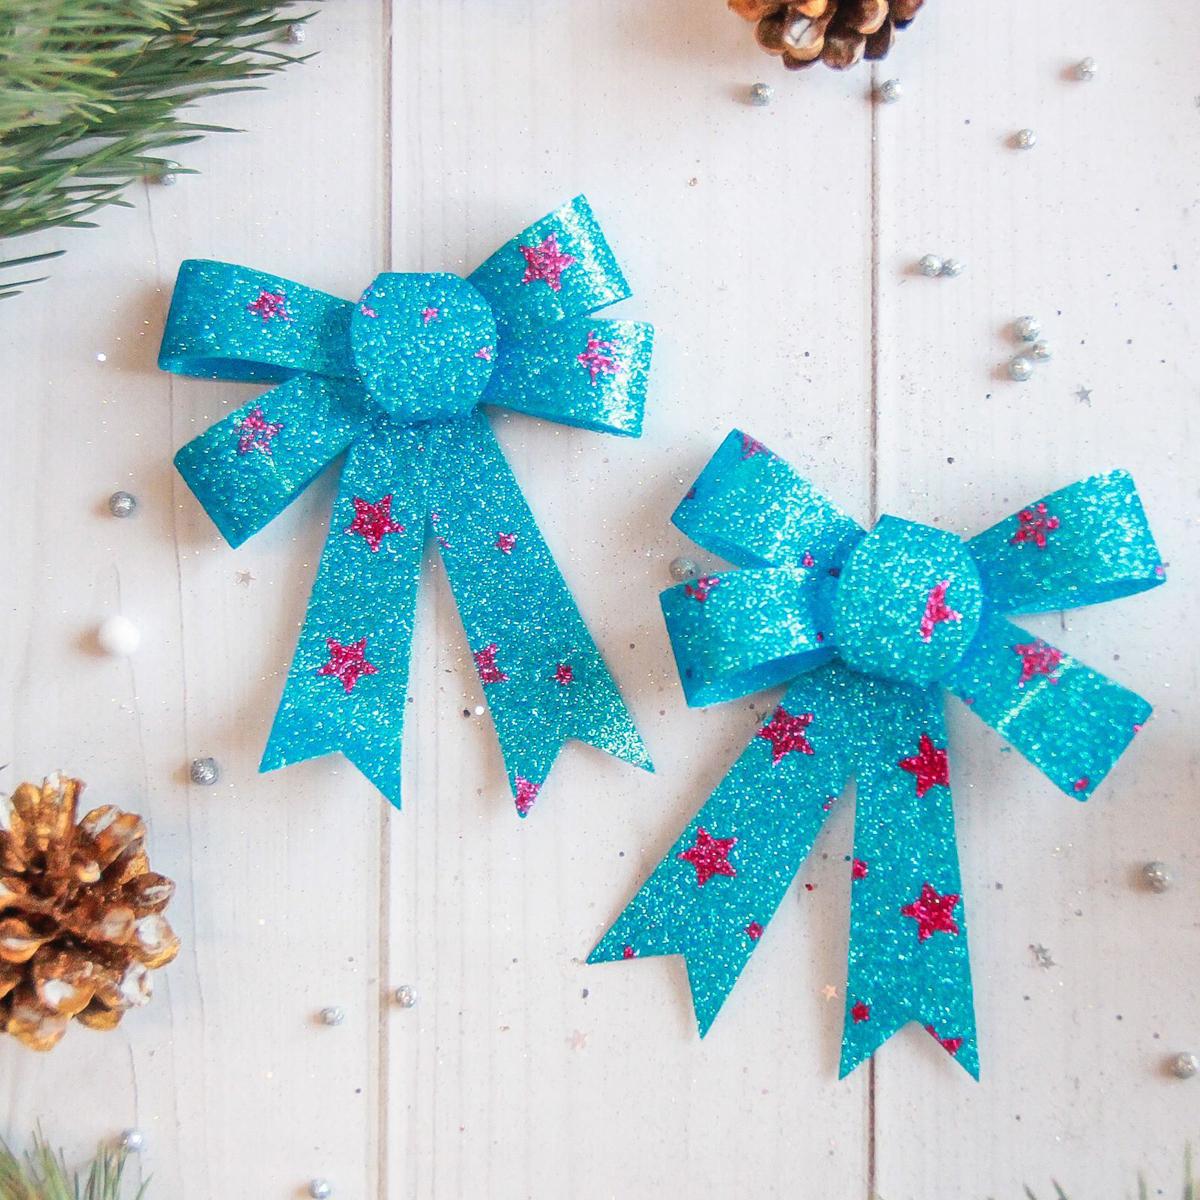 Набор новогодних подвесных украшений Sima-land Бант со снежинками, 9 х 10 см, 3 шт. 2371268 кармашки на стену для бани sima land банные мелочи цвет белый 3 шт